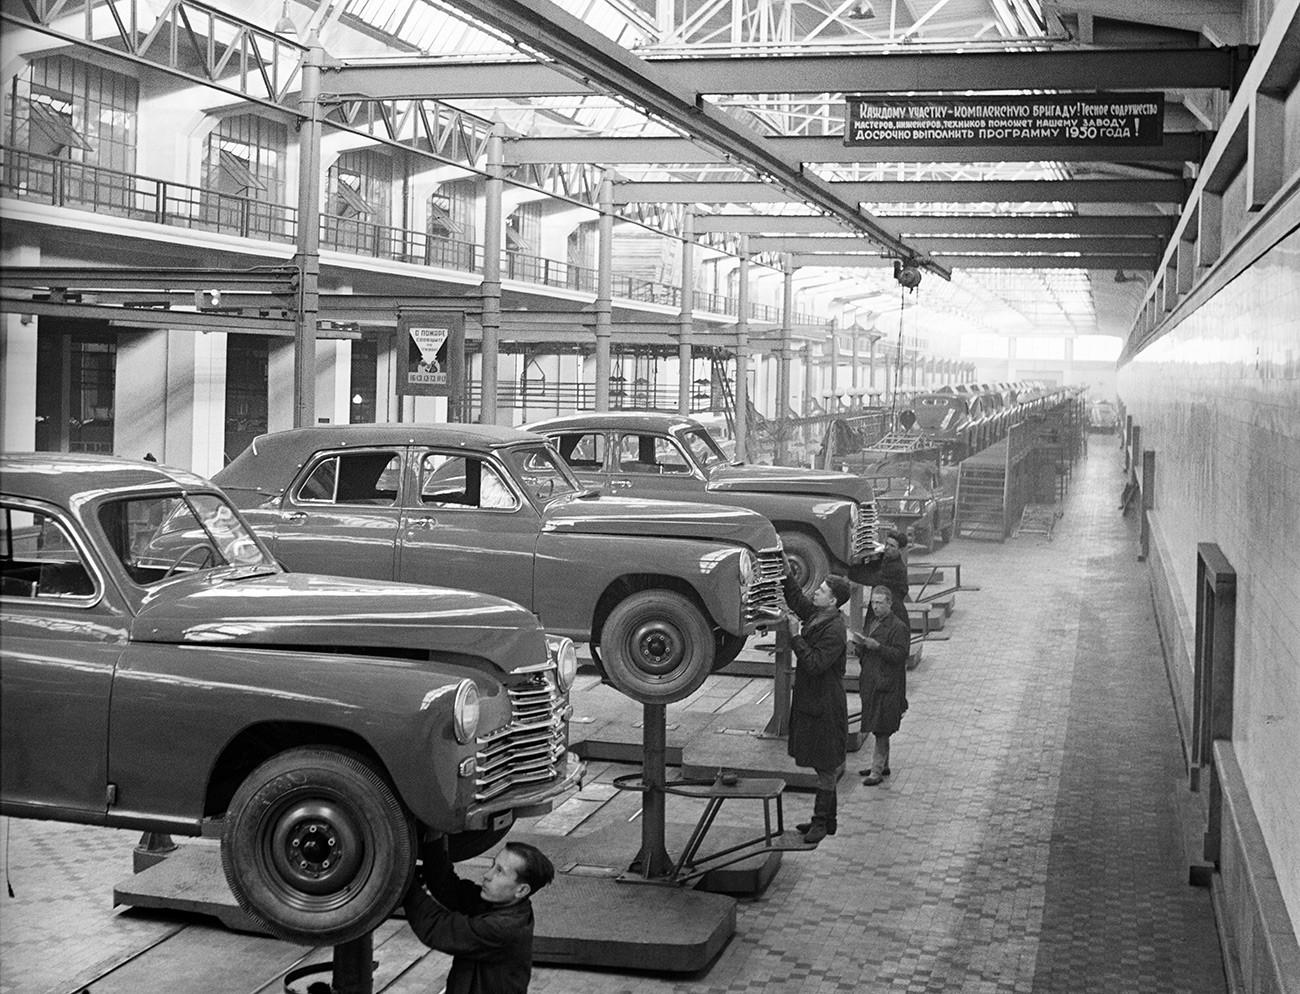 Avtomobili Pobjeda v Gorkovski tovarni avtomobilov (GAZ)